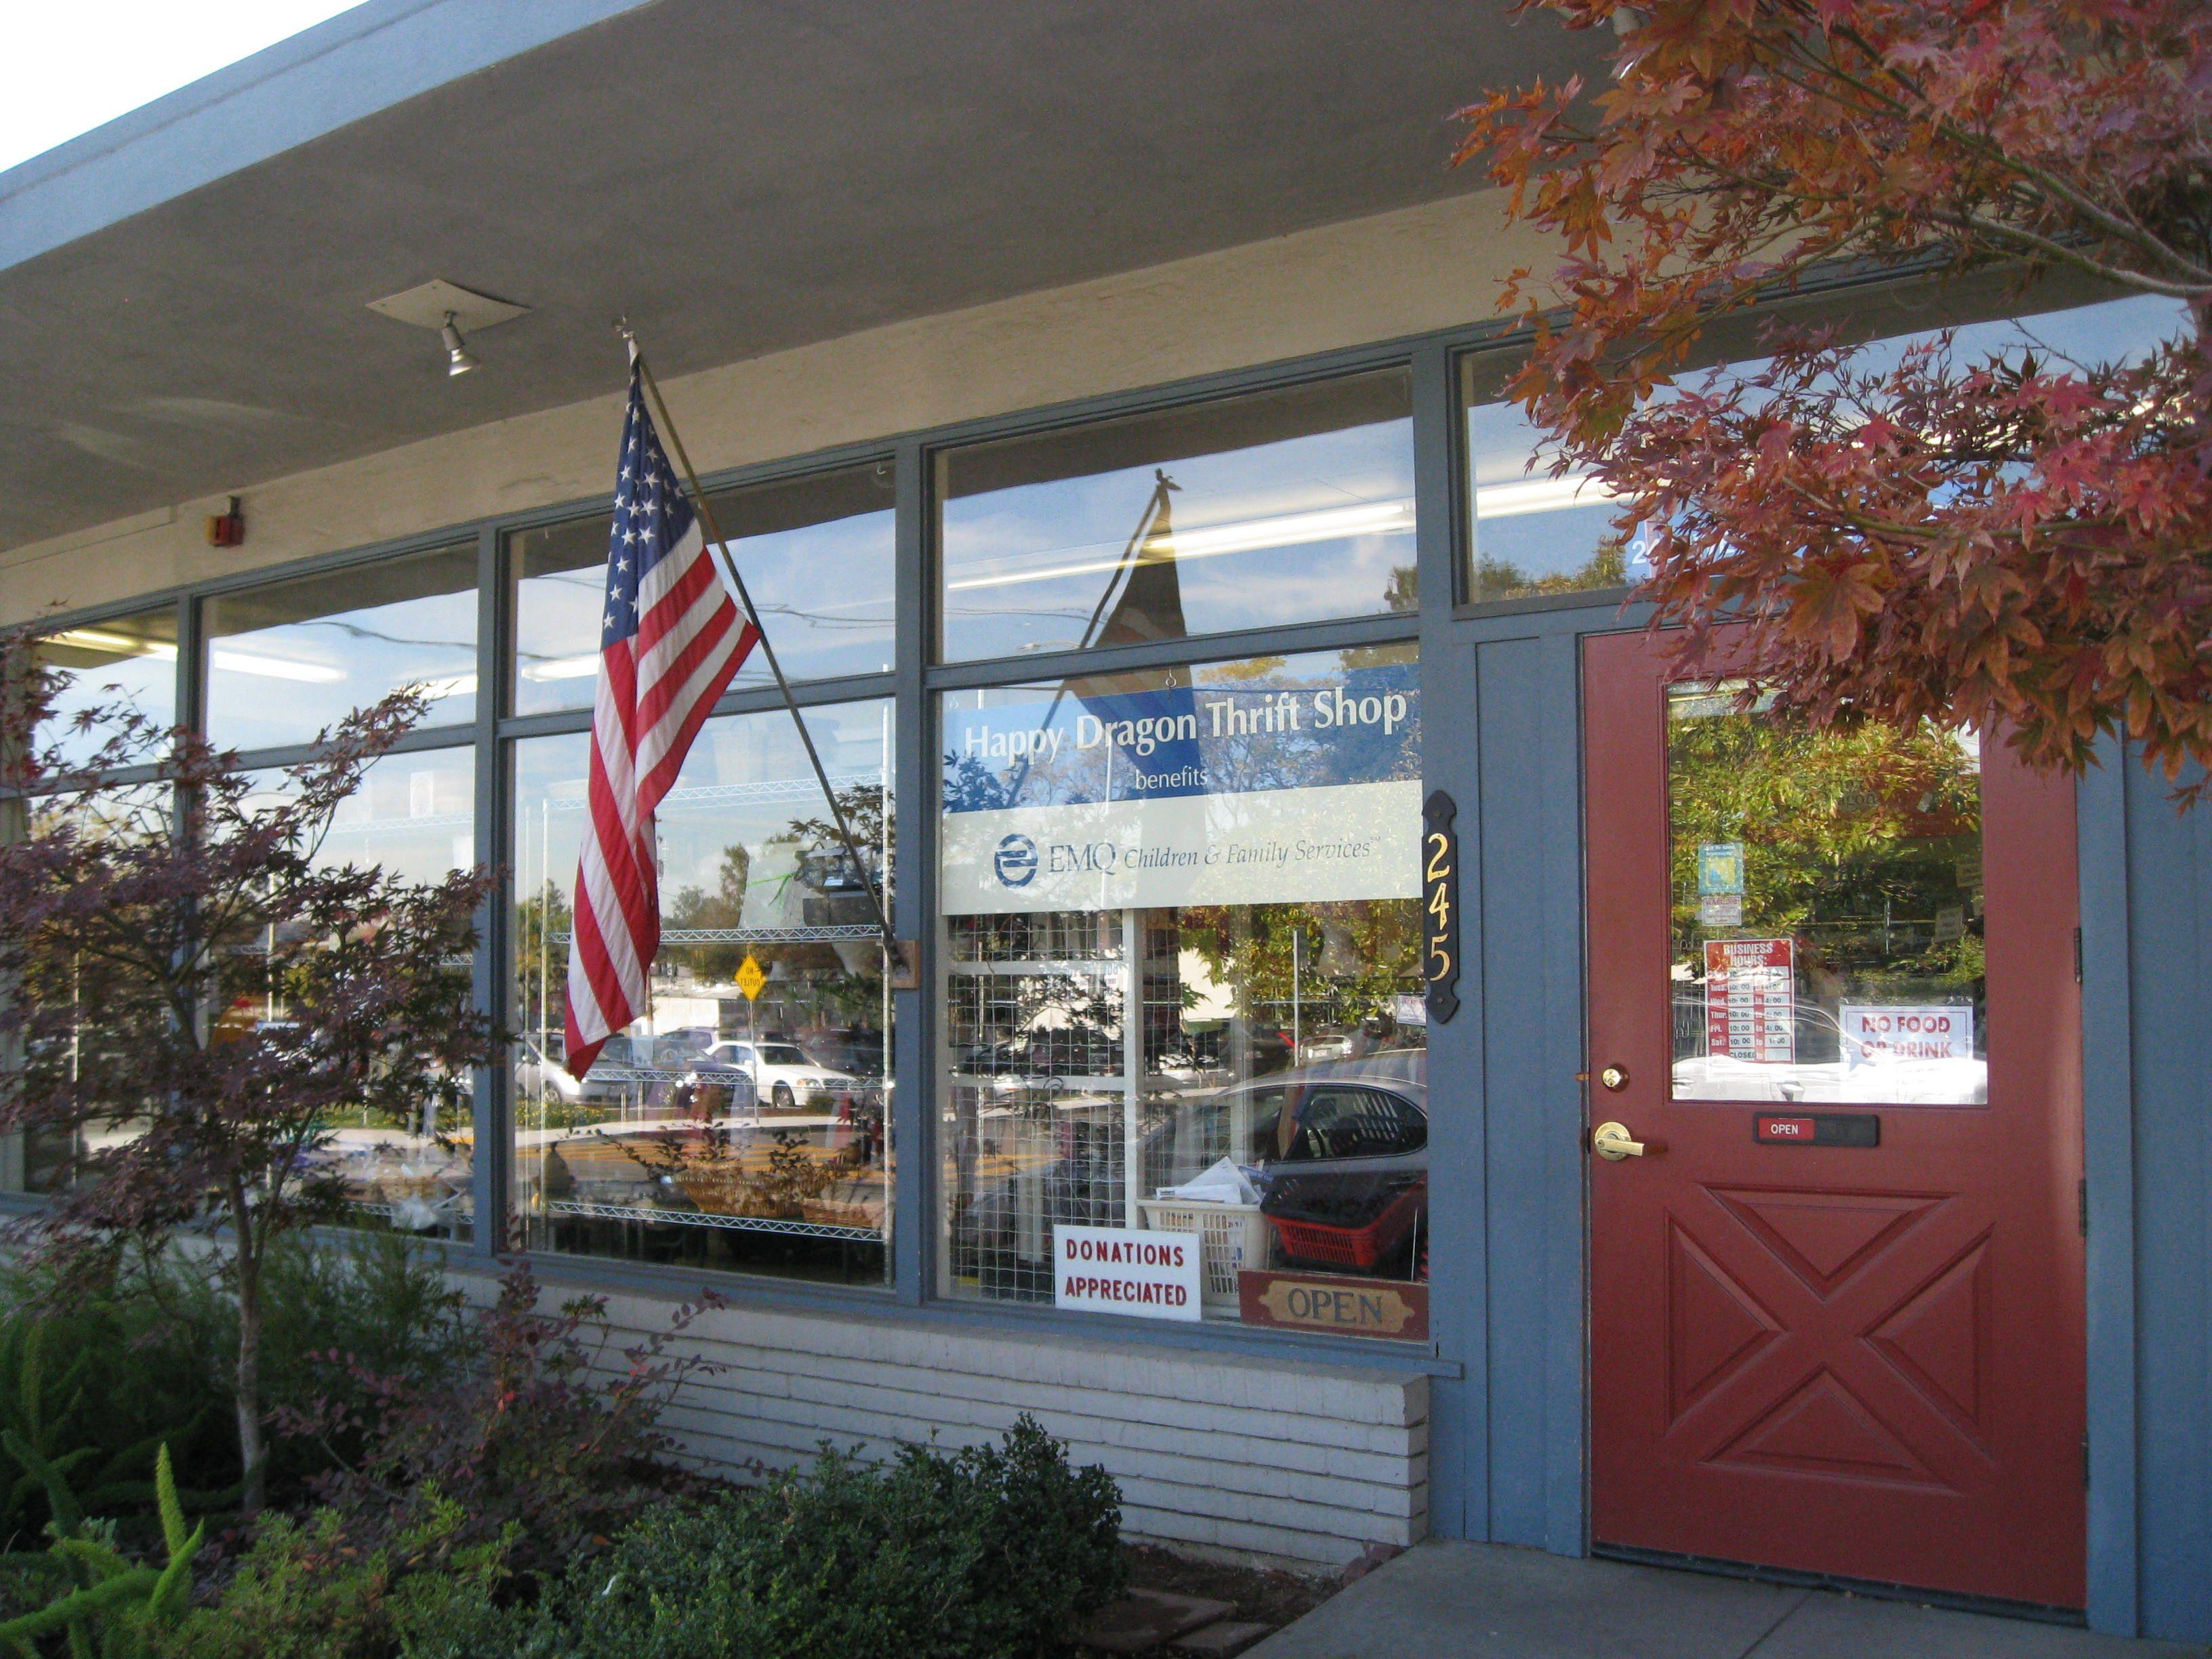 Happy Dragon Thrift Shop in Los Gatos, California